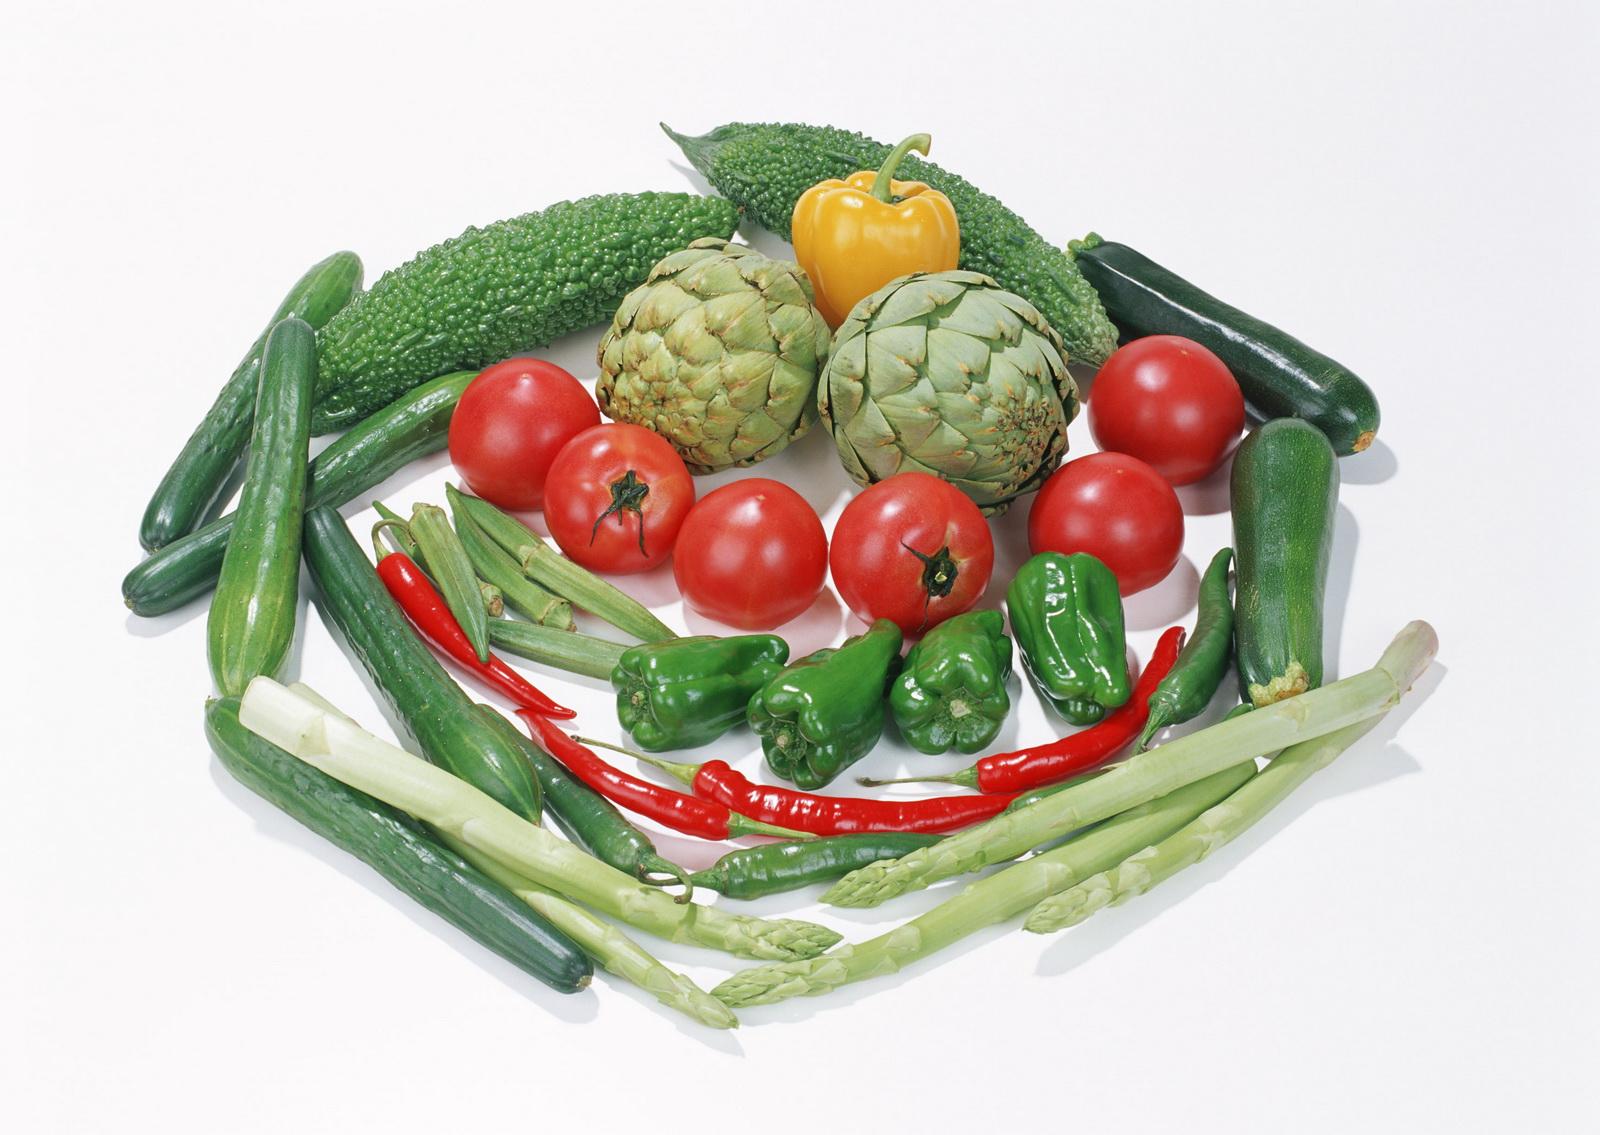 冬季七大祛斑食物top排行榜